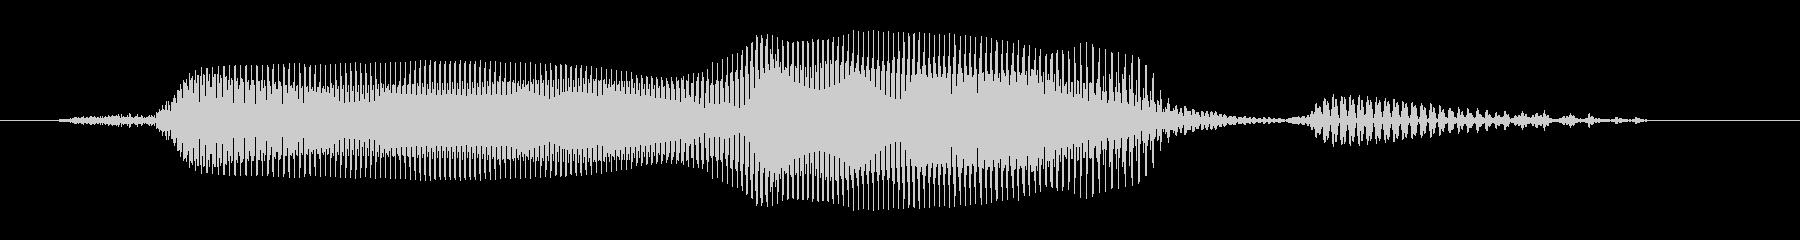 金曜日の未再生の波形